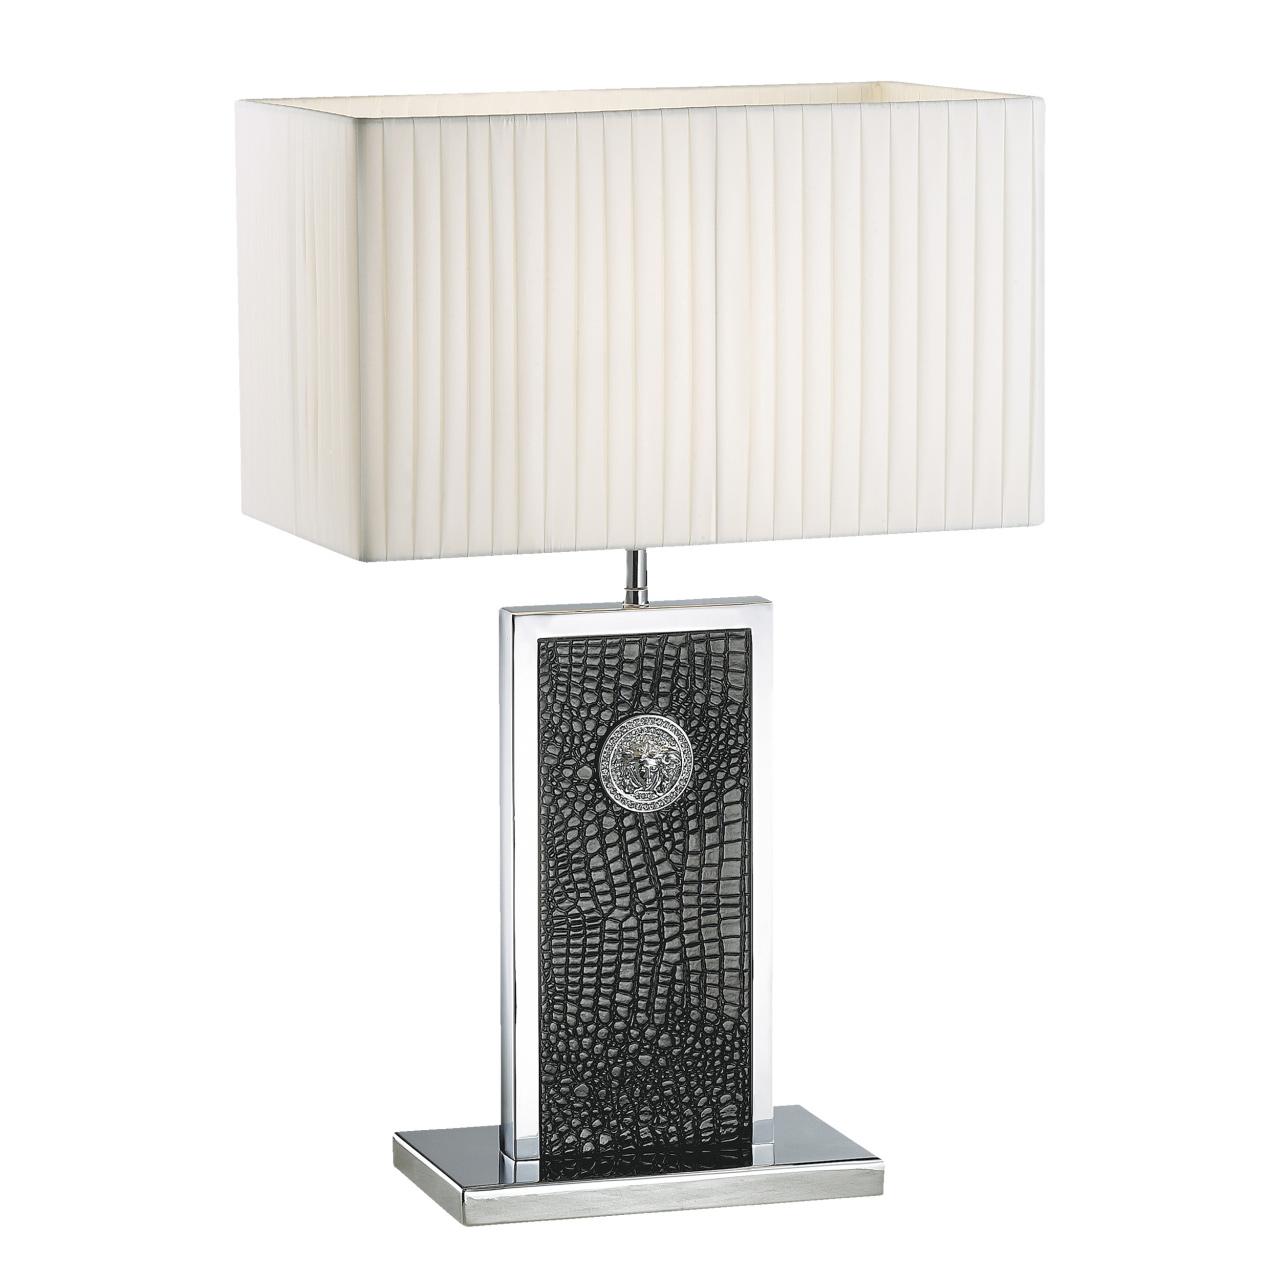 Настольная лампа Faraone 1х60W E27 кожа / черный / хром Lightstar 870937